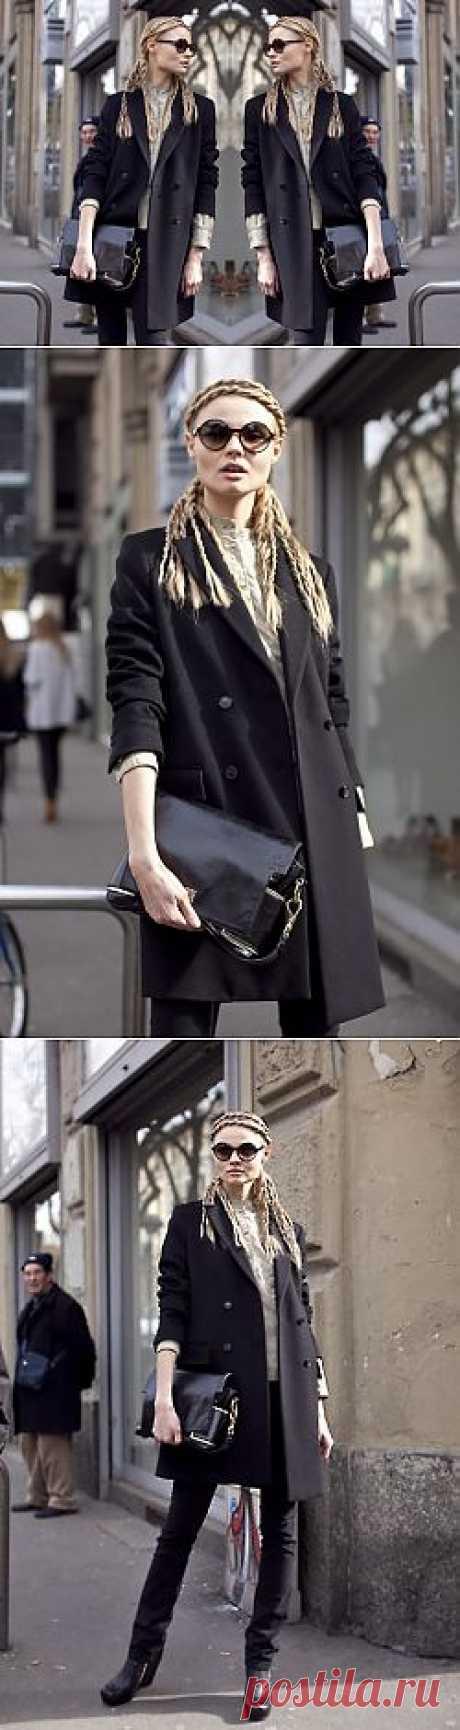 Ну очень необычные косички) / Прически / Модный сайт о стильной переделке одежды и интерьера